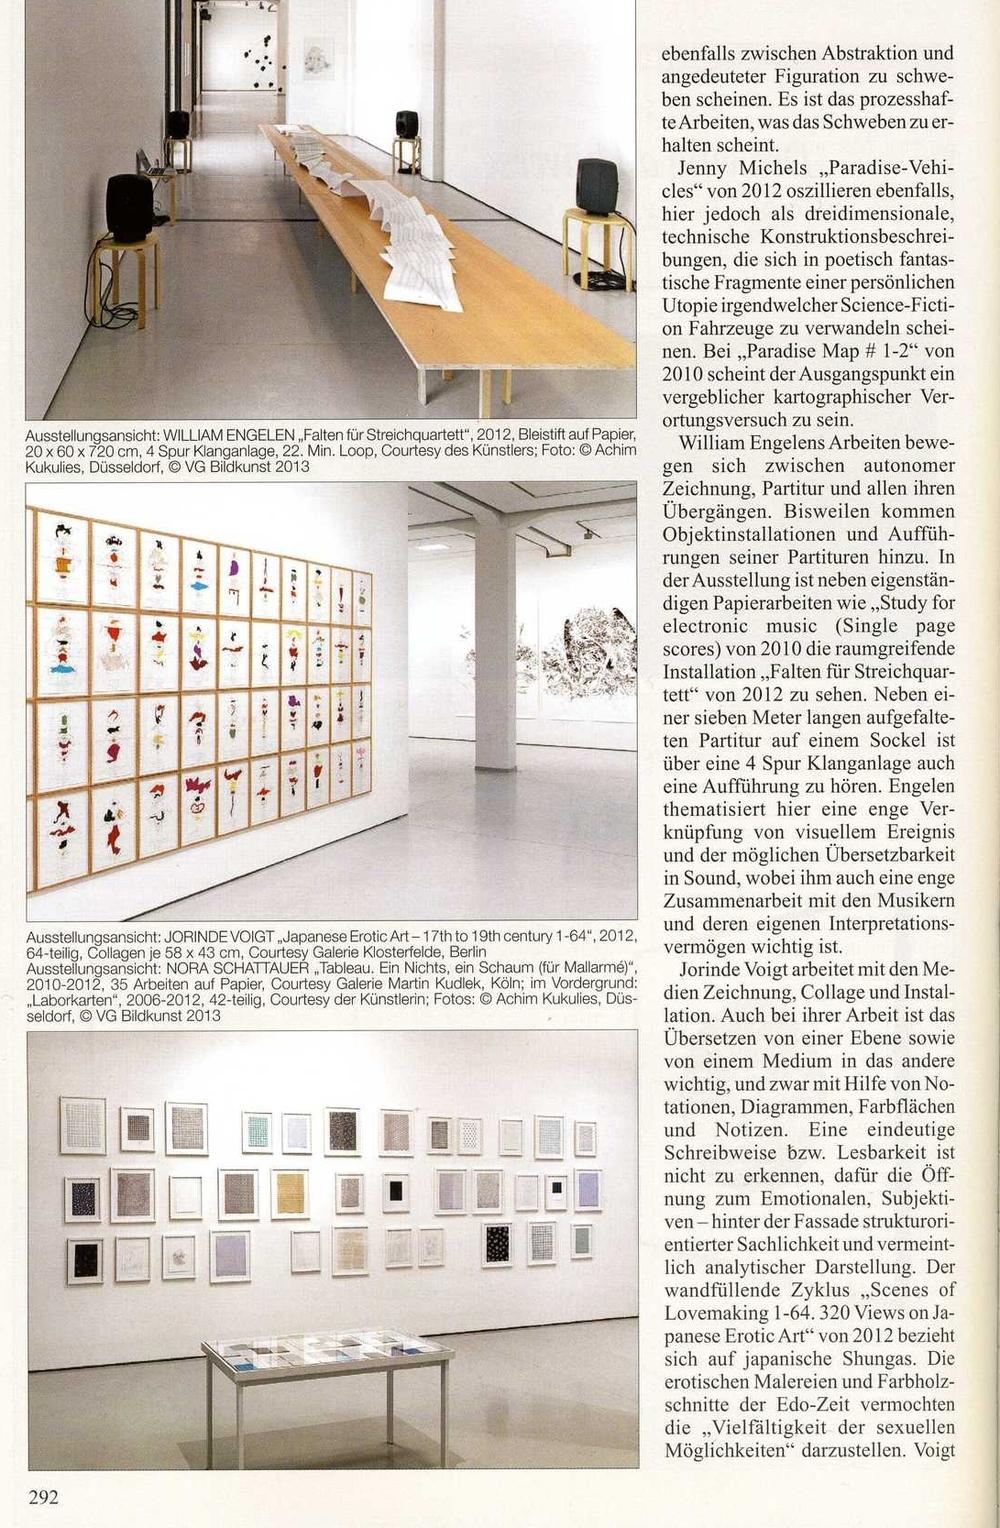 Kunstforum März 2013 292.jpg